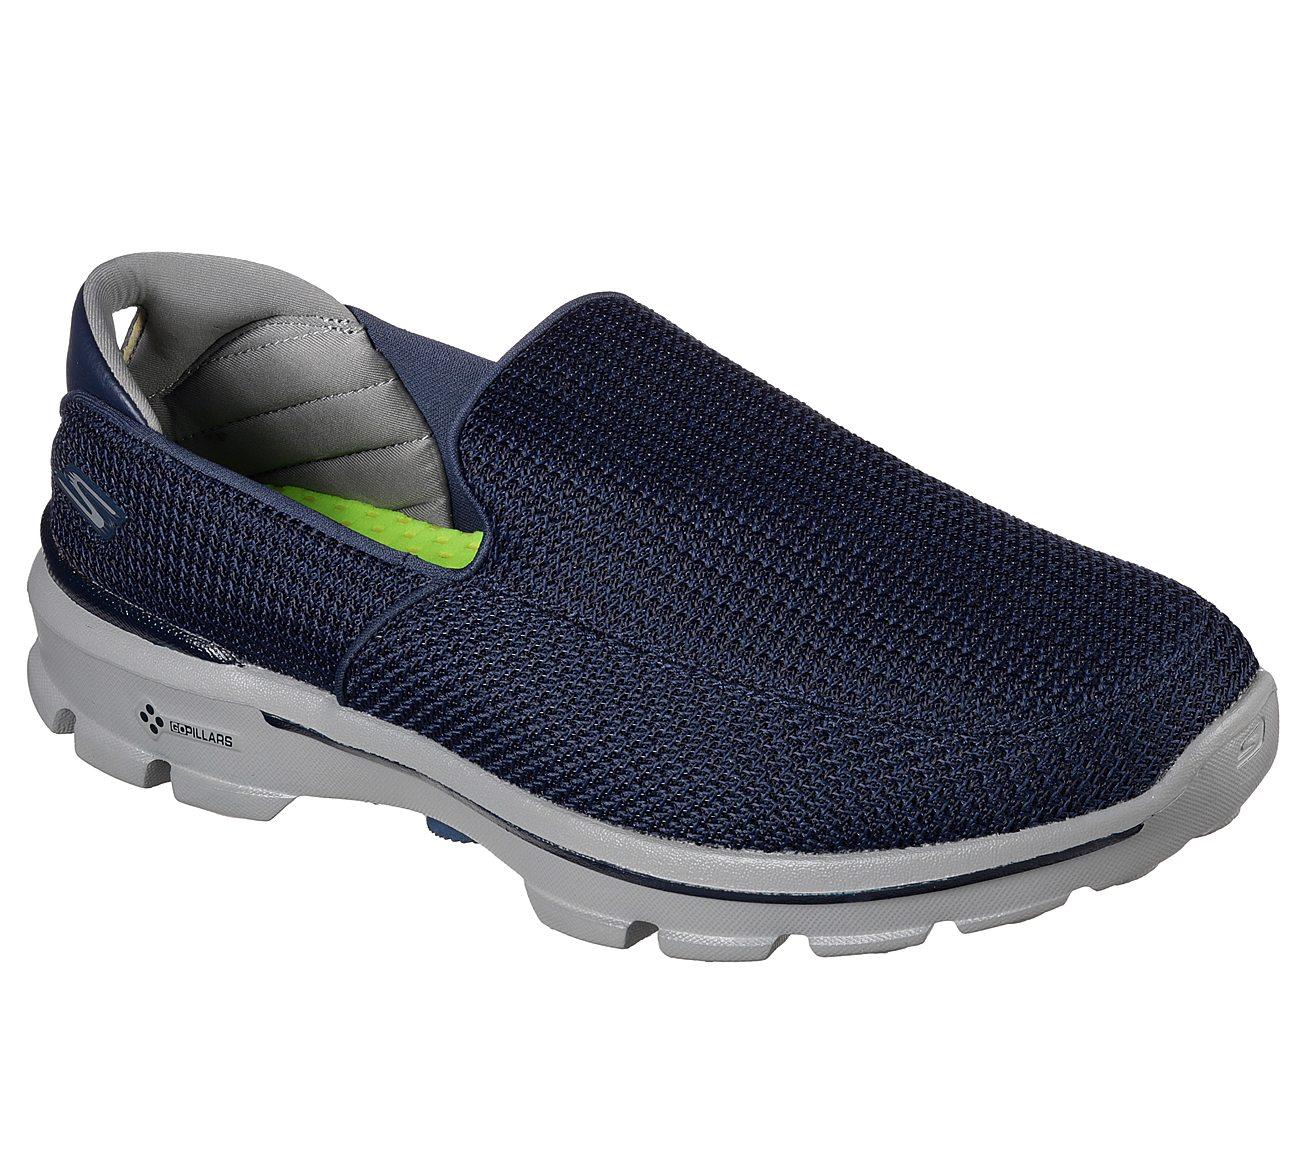 Skechers Gowalk 3 Navy Gray 9793